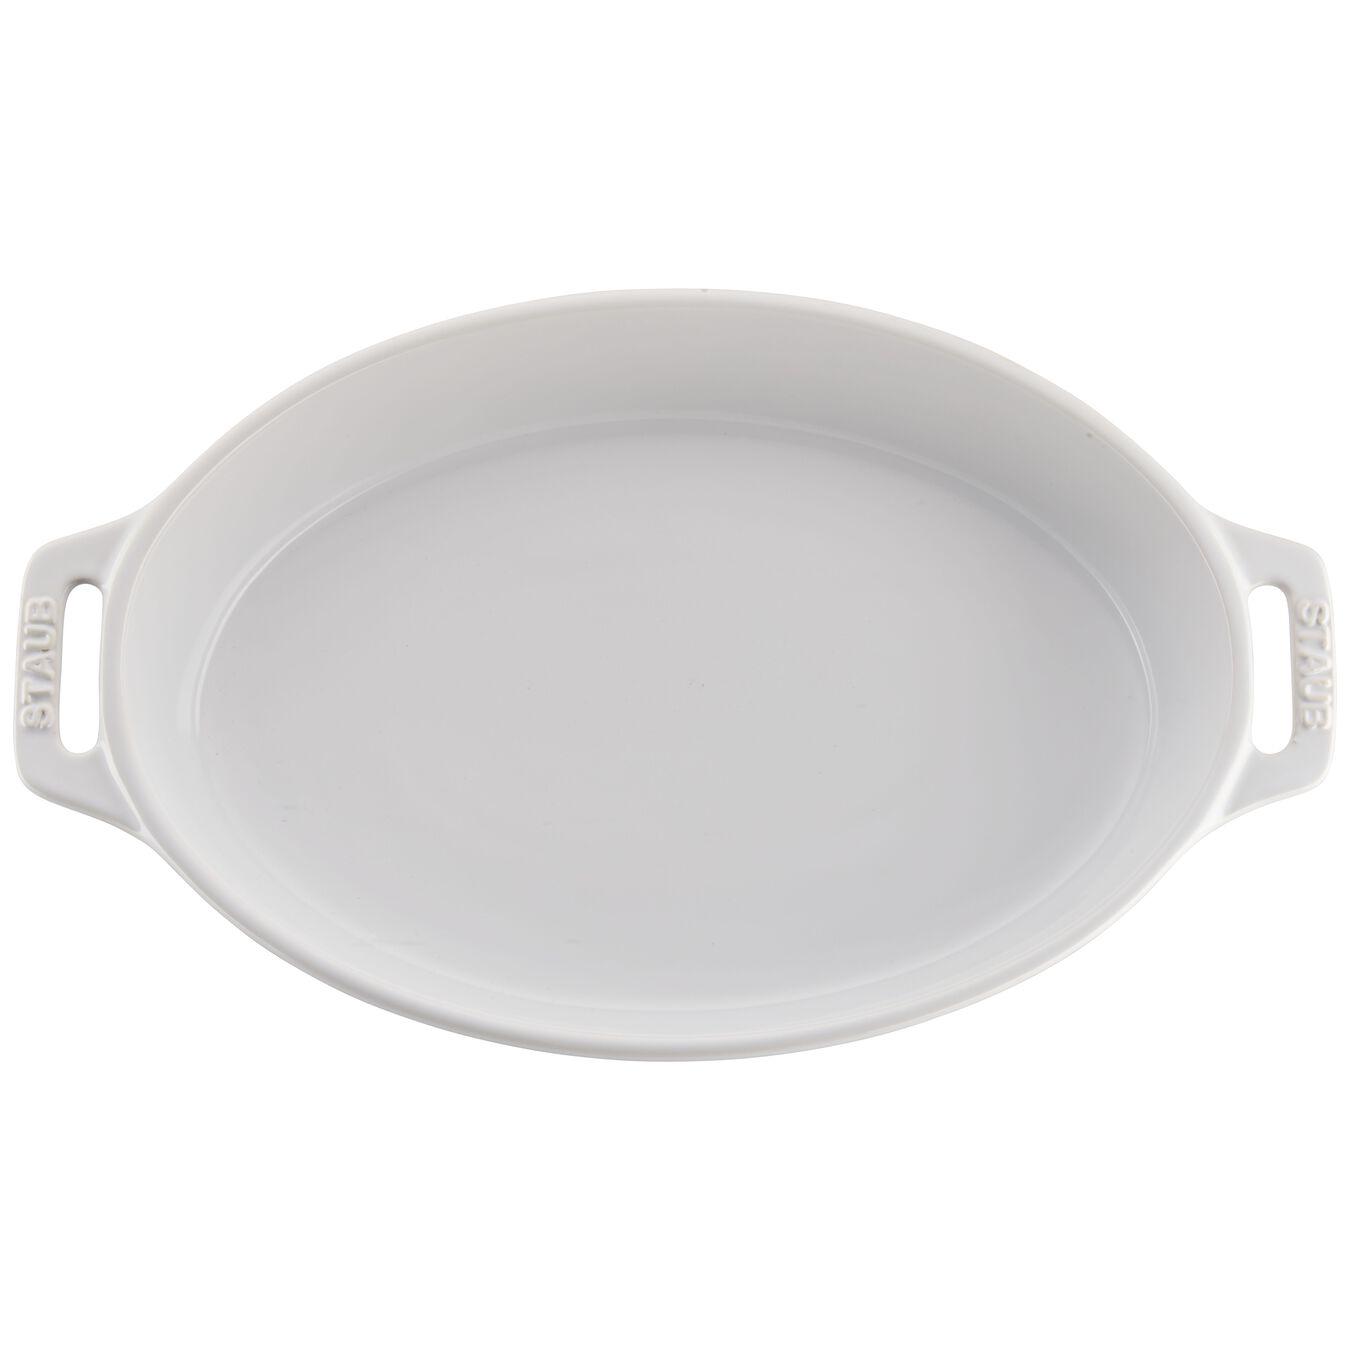 2-pc Oval Baking Dish Set,,large 2